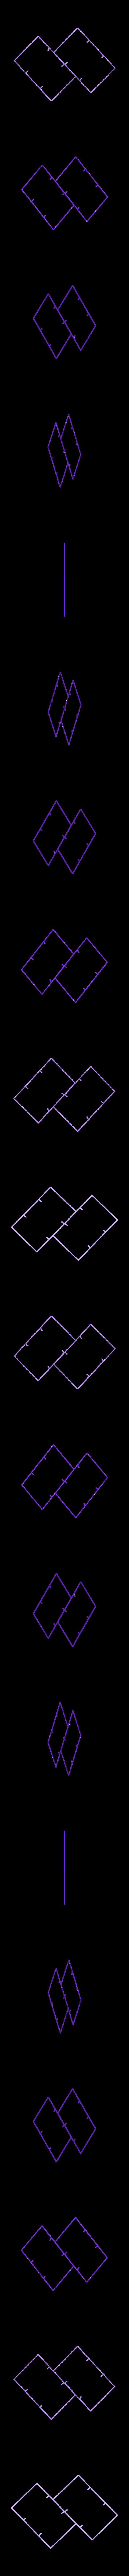 2_Bases_Outline.stl Télécharger fichier STL gratuit Plaques de montage gyroscopiques à cardan • Plan pour impression 3D, Bolnarb